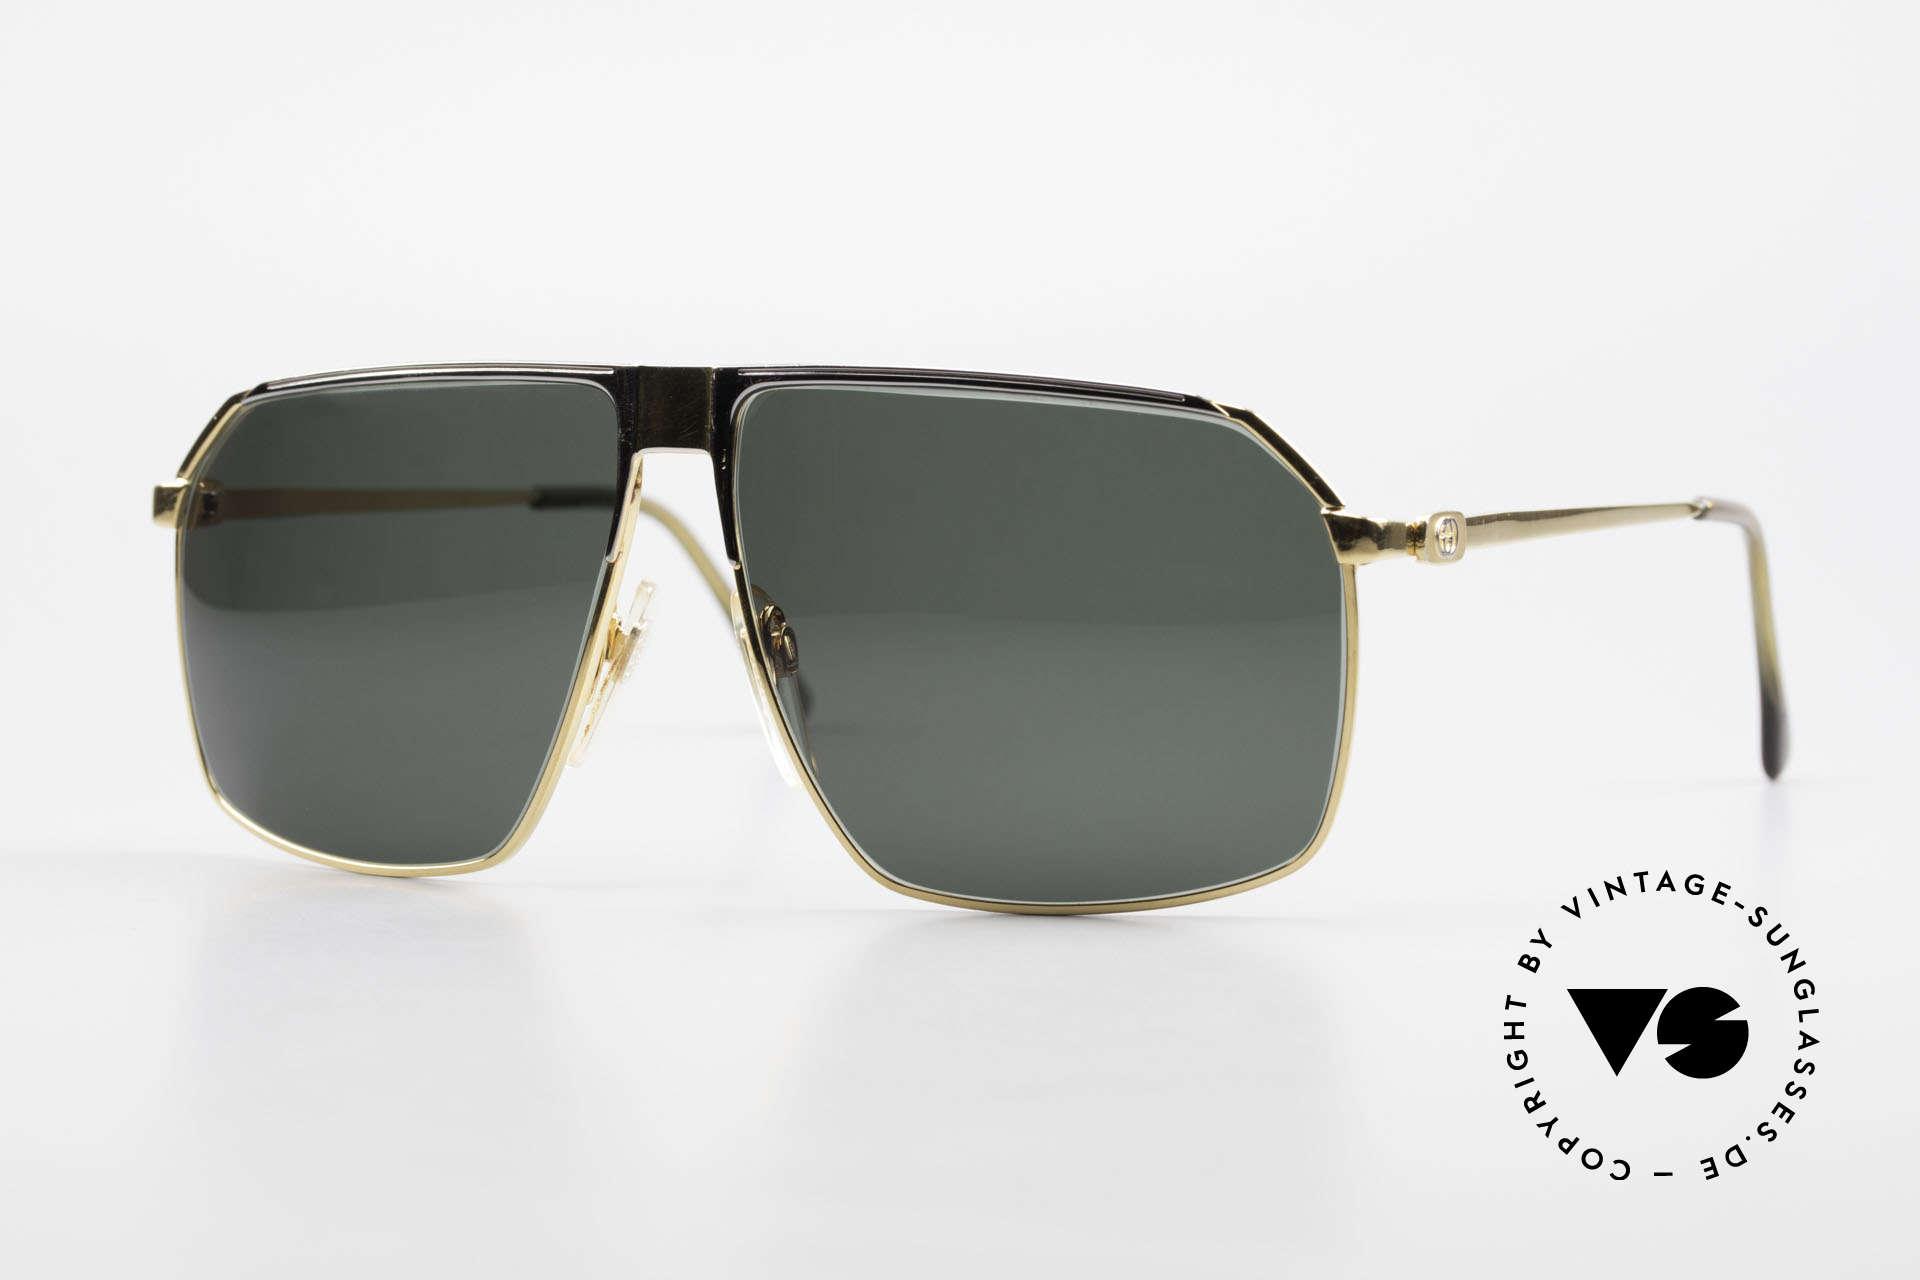 Gucci GG41 22Kt Vergoldete Sonnenbrille, vintage Gucci GG41 Luxus-Sonnenbrille, 22kt vergoldet, Passend für Herren